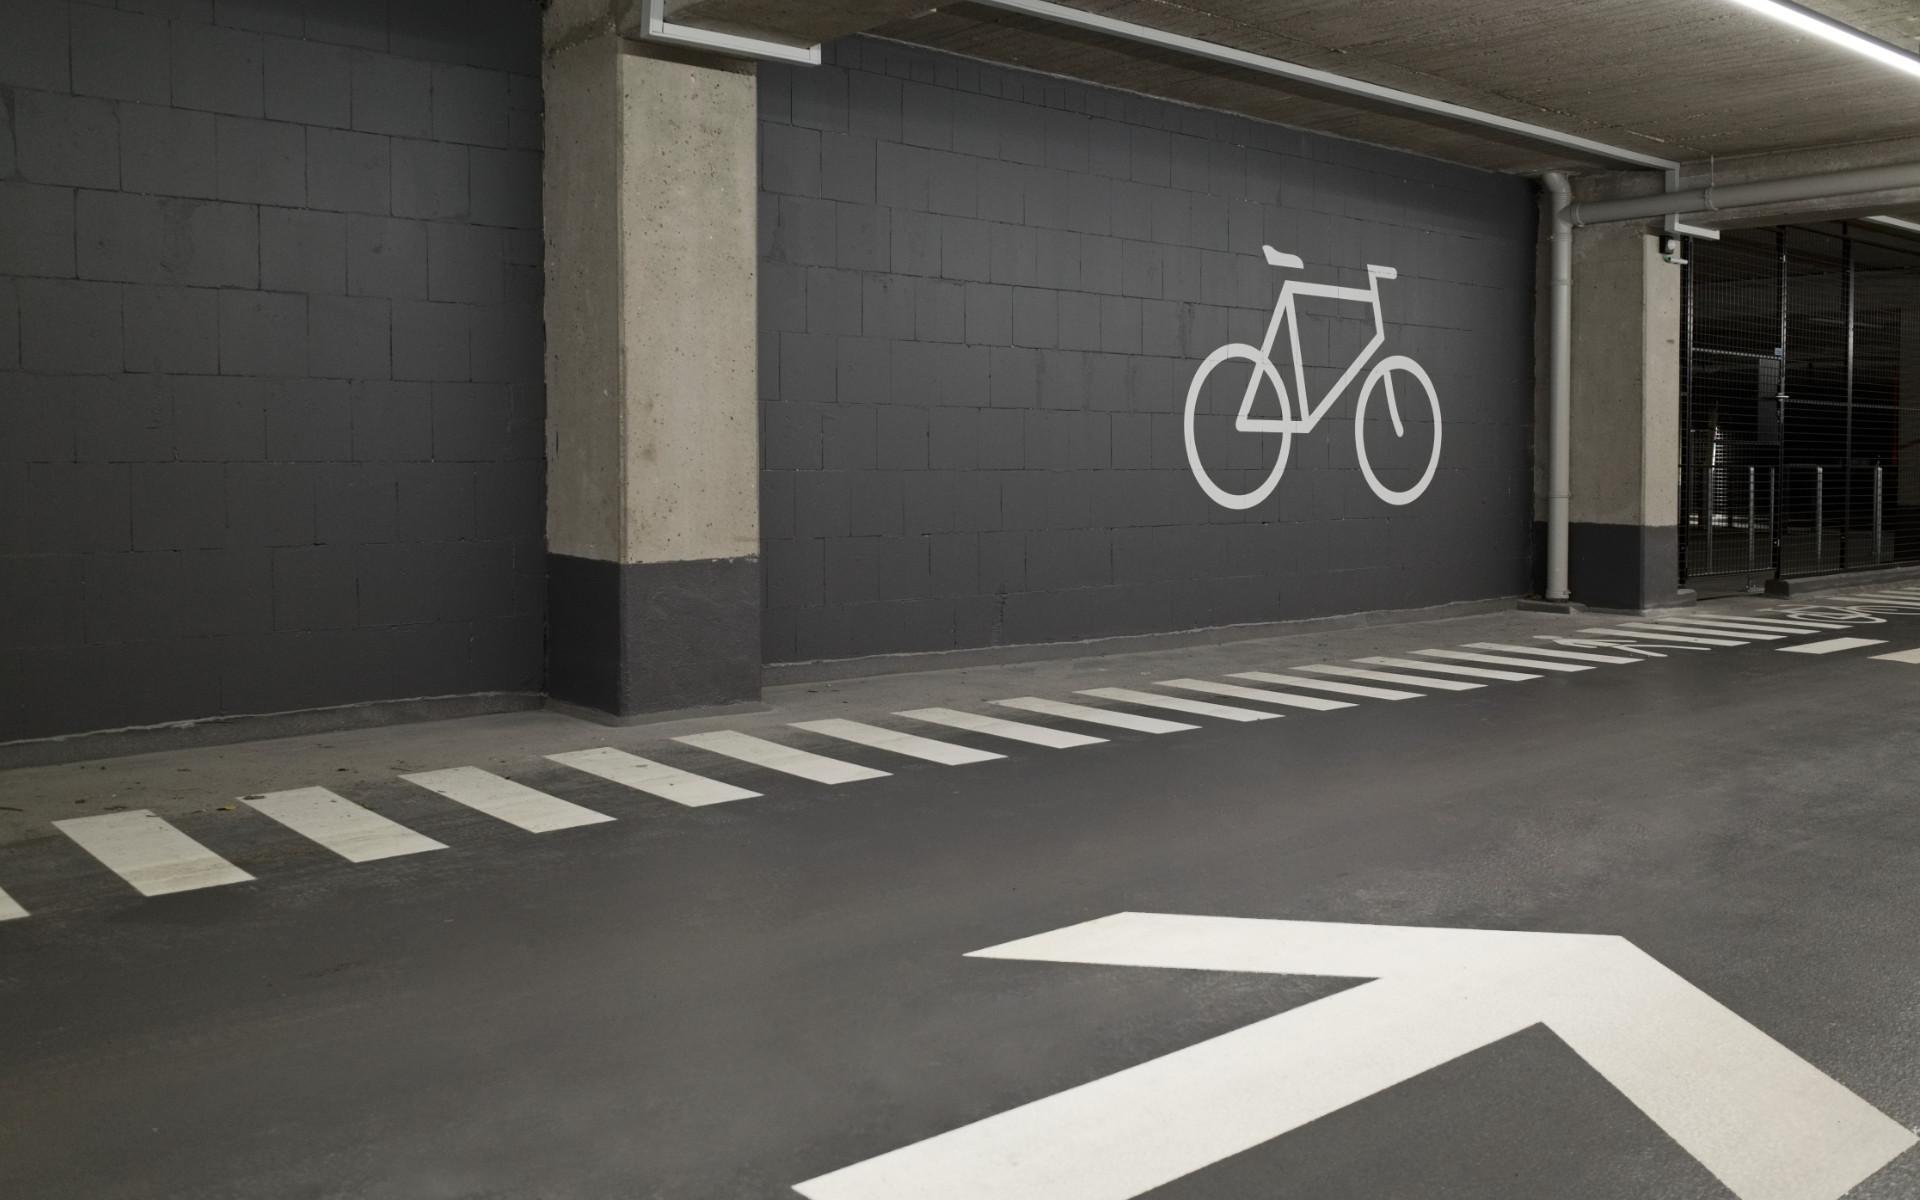 Parkgarage Beschriftung Buerohaus Beschilderung Leitsystem Design Berlin